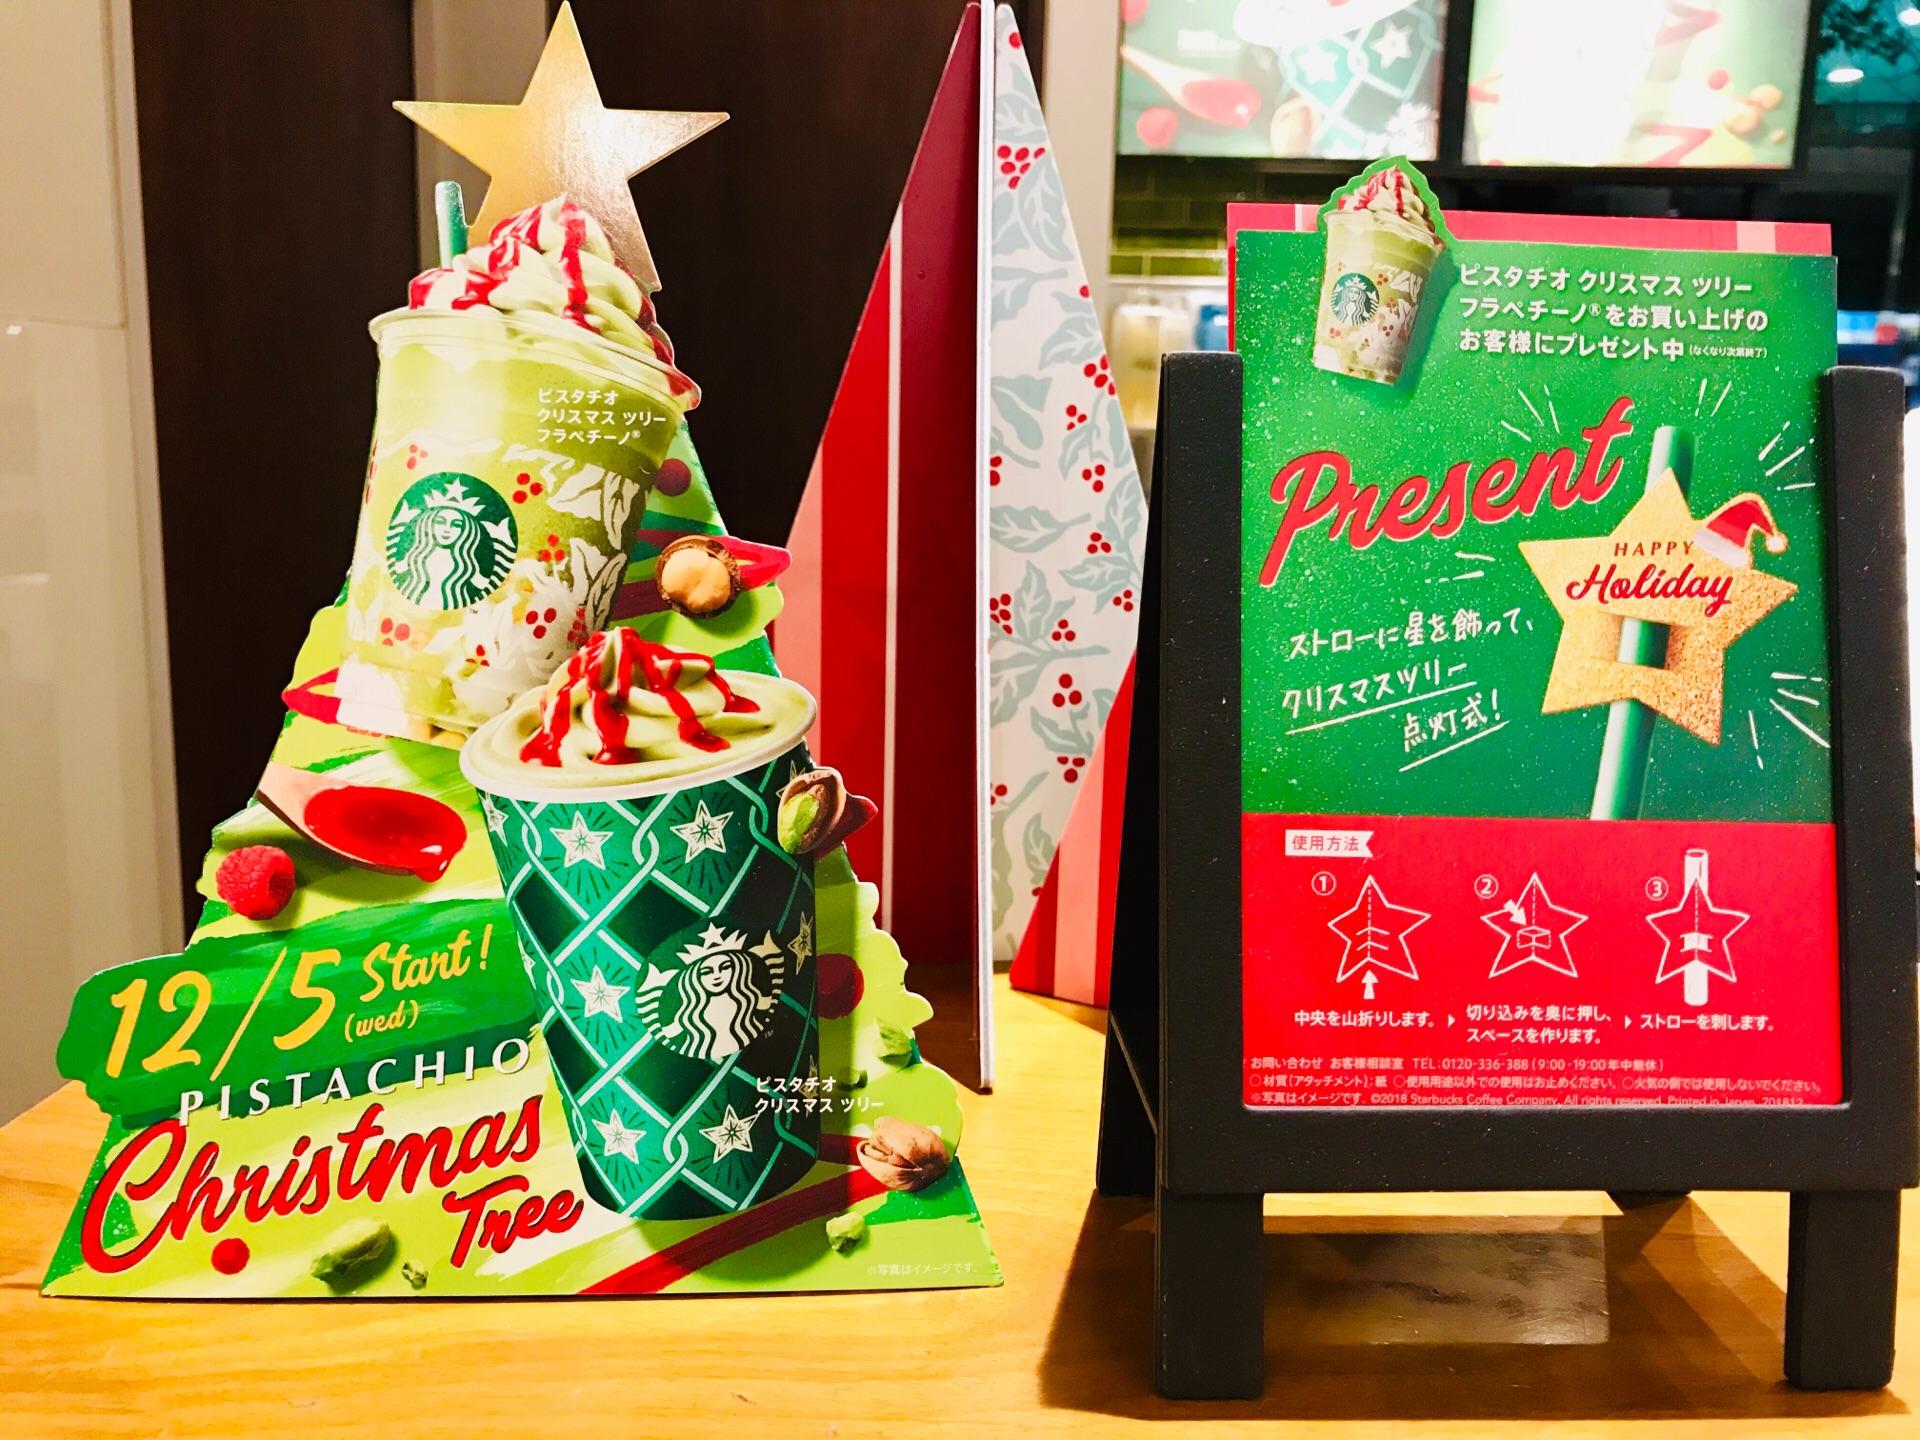 【スタバ】まるでクリスマスツリー★ホリデーシーズン第3弾は《ピスタチオ×ラズベリー》_1